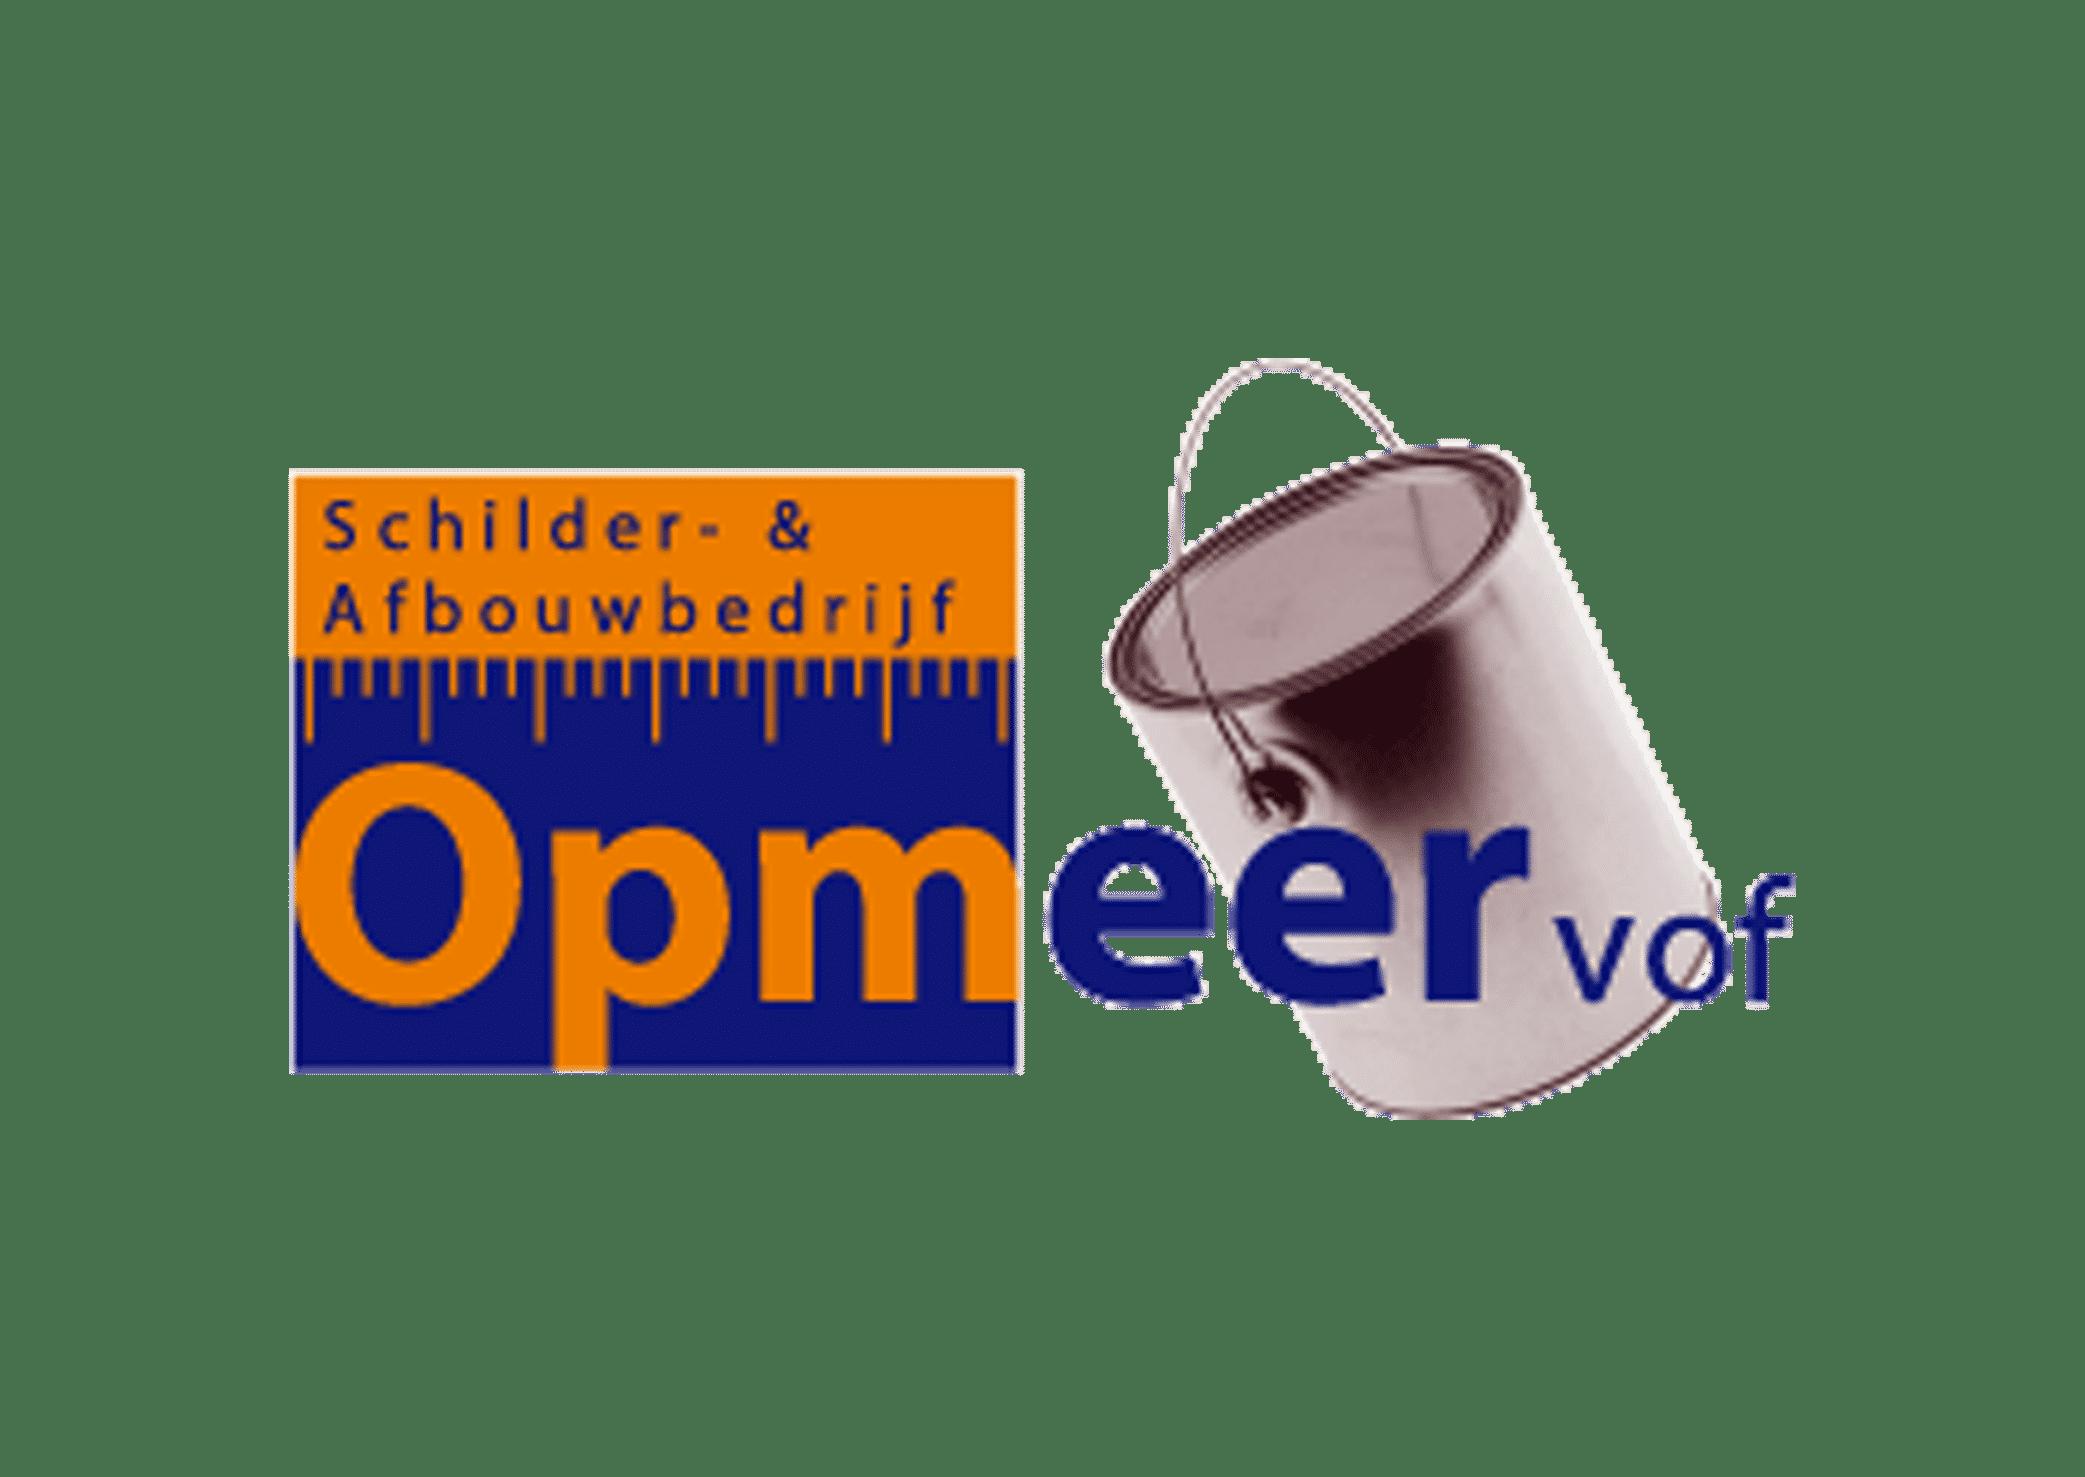 Schilderbedrijf Opmeer